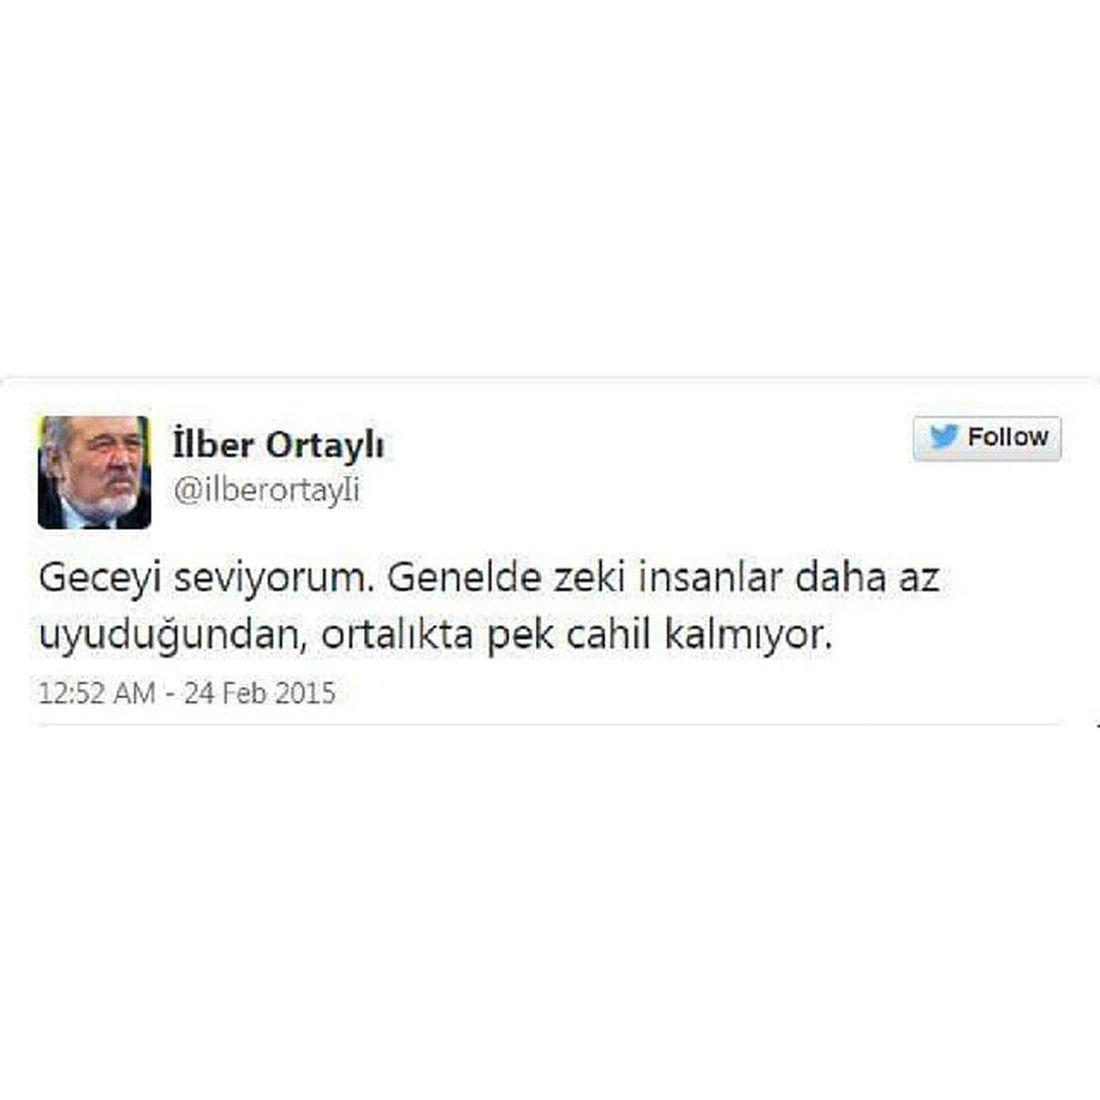 Iyigeceler Türkiye Ilberortayli